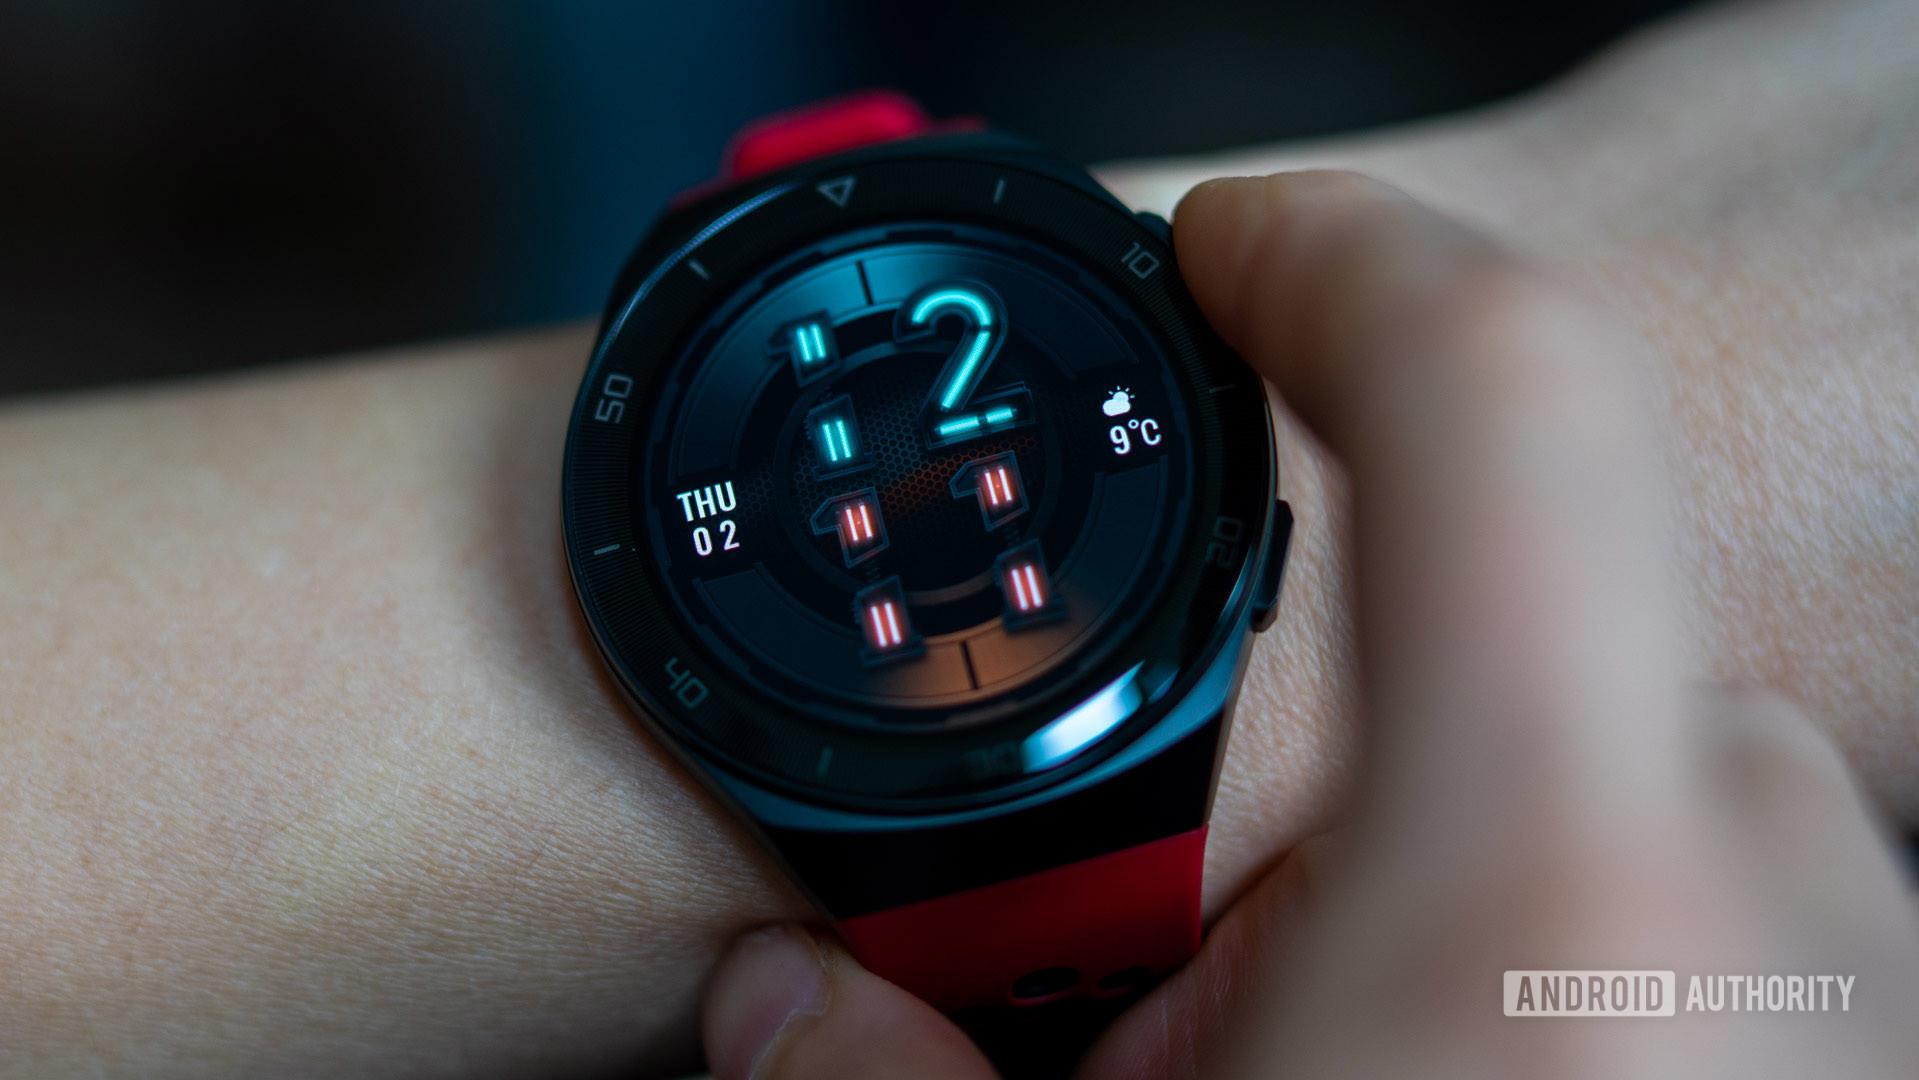 Huawei Watch GT2e in use on wrist